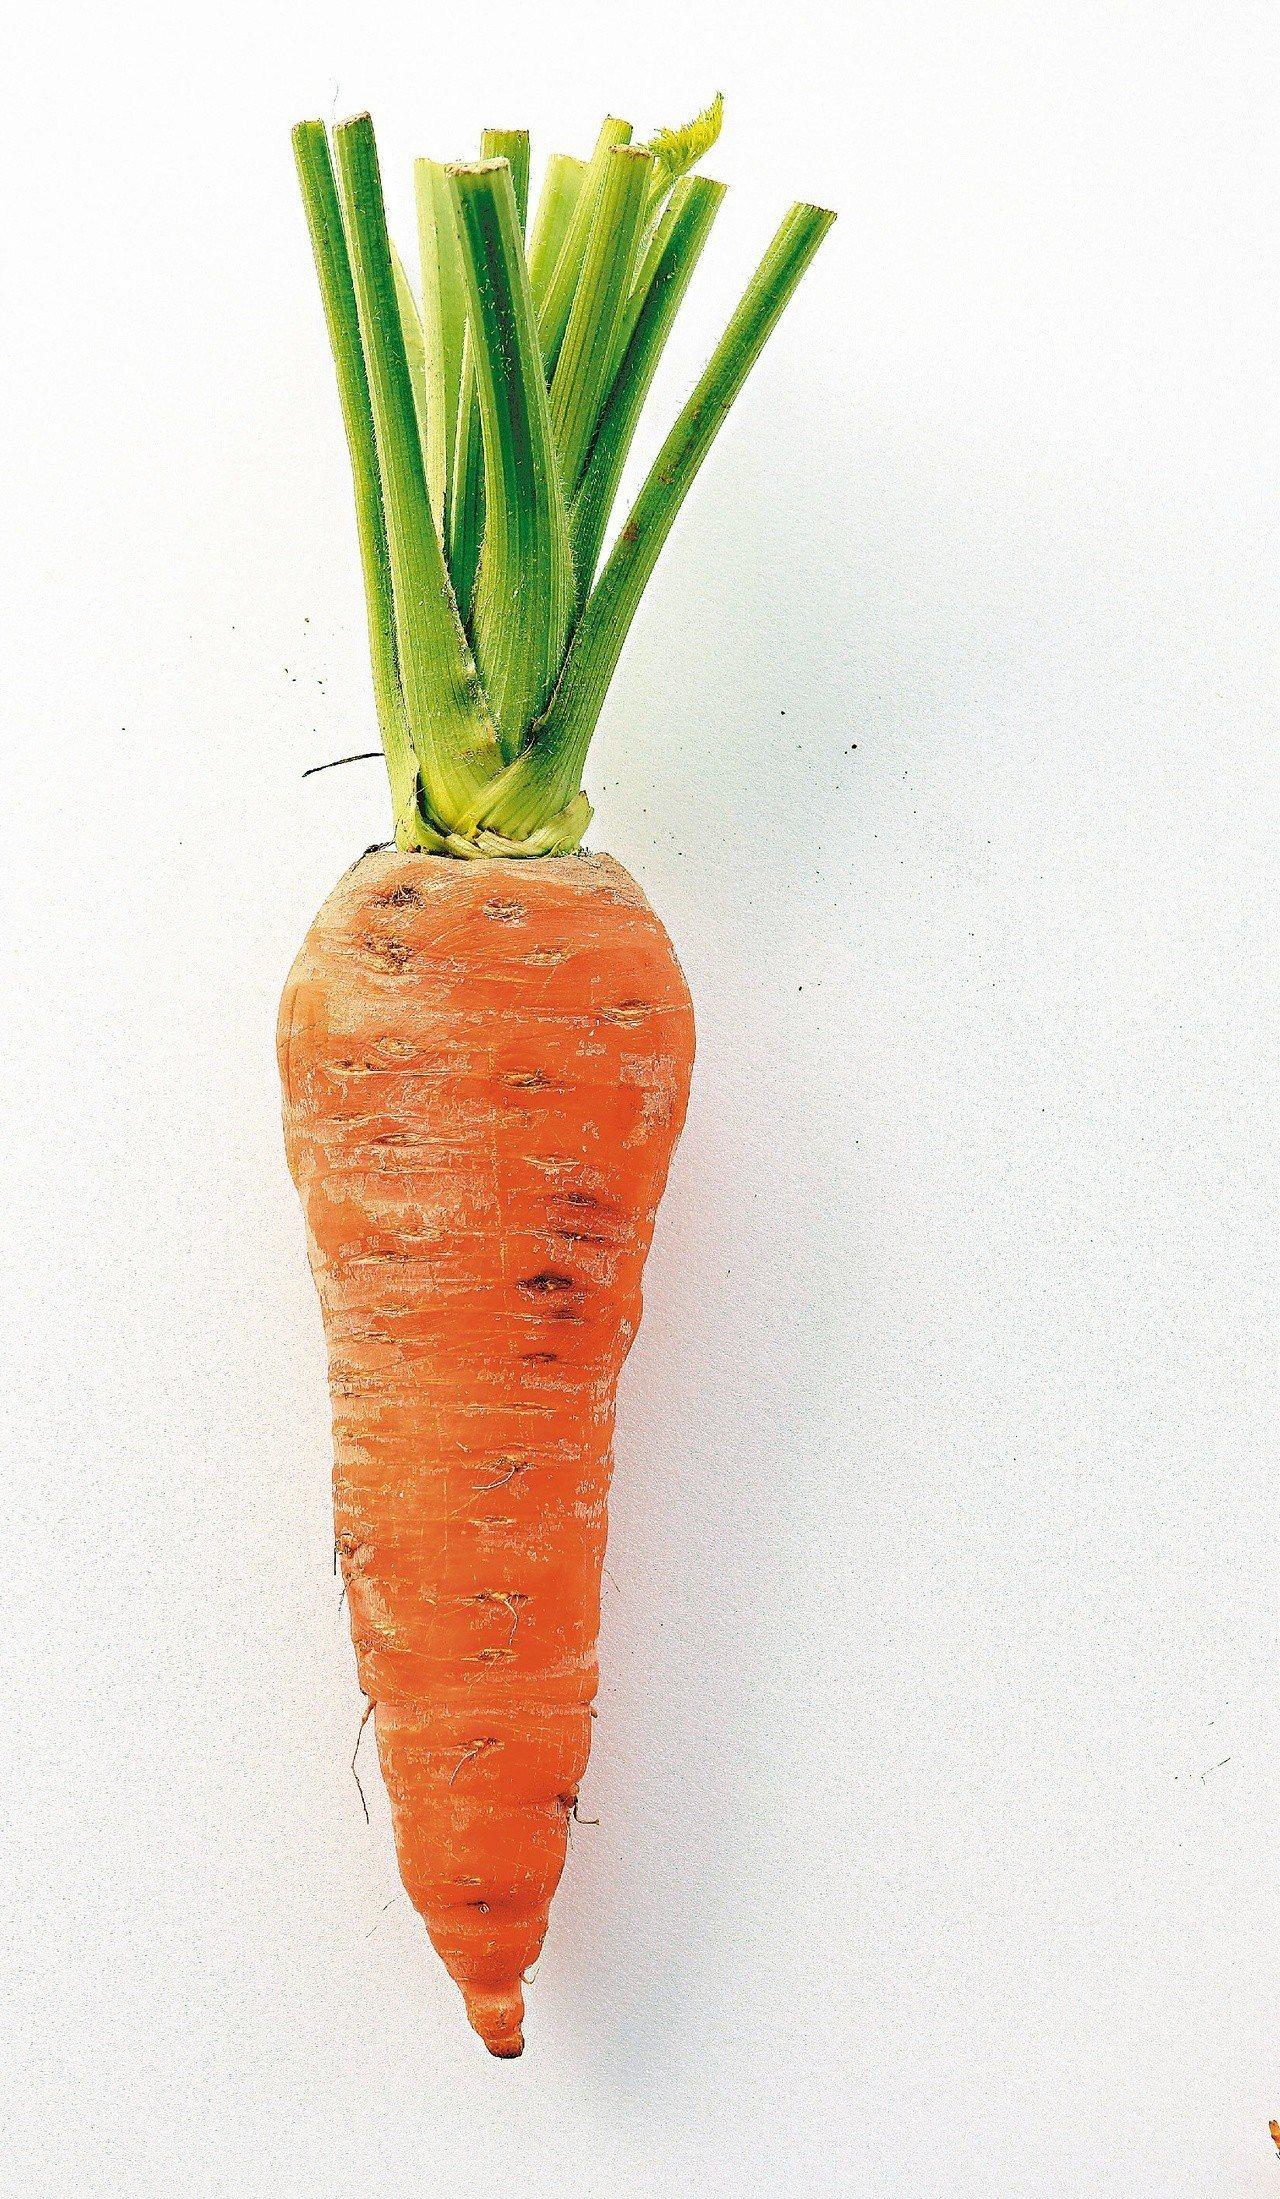 春夏養陽,養陽重在養心,紅色食材可入心,因此可多吃番茄、胡蘿蔔等紅色食物。本報資...